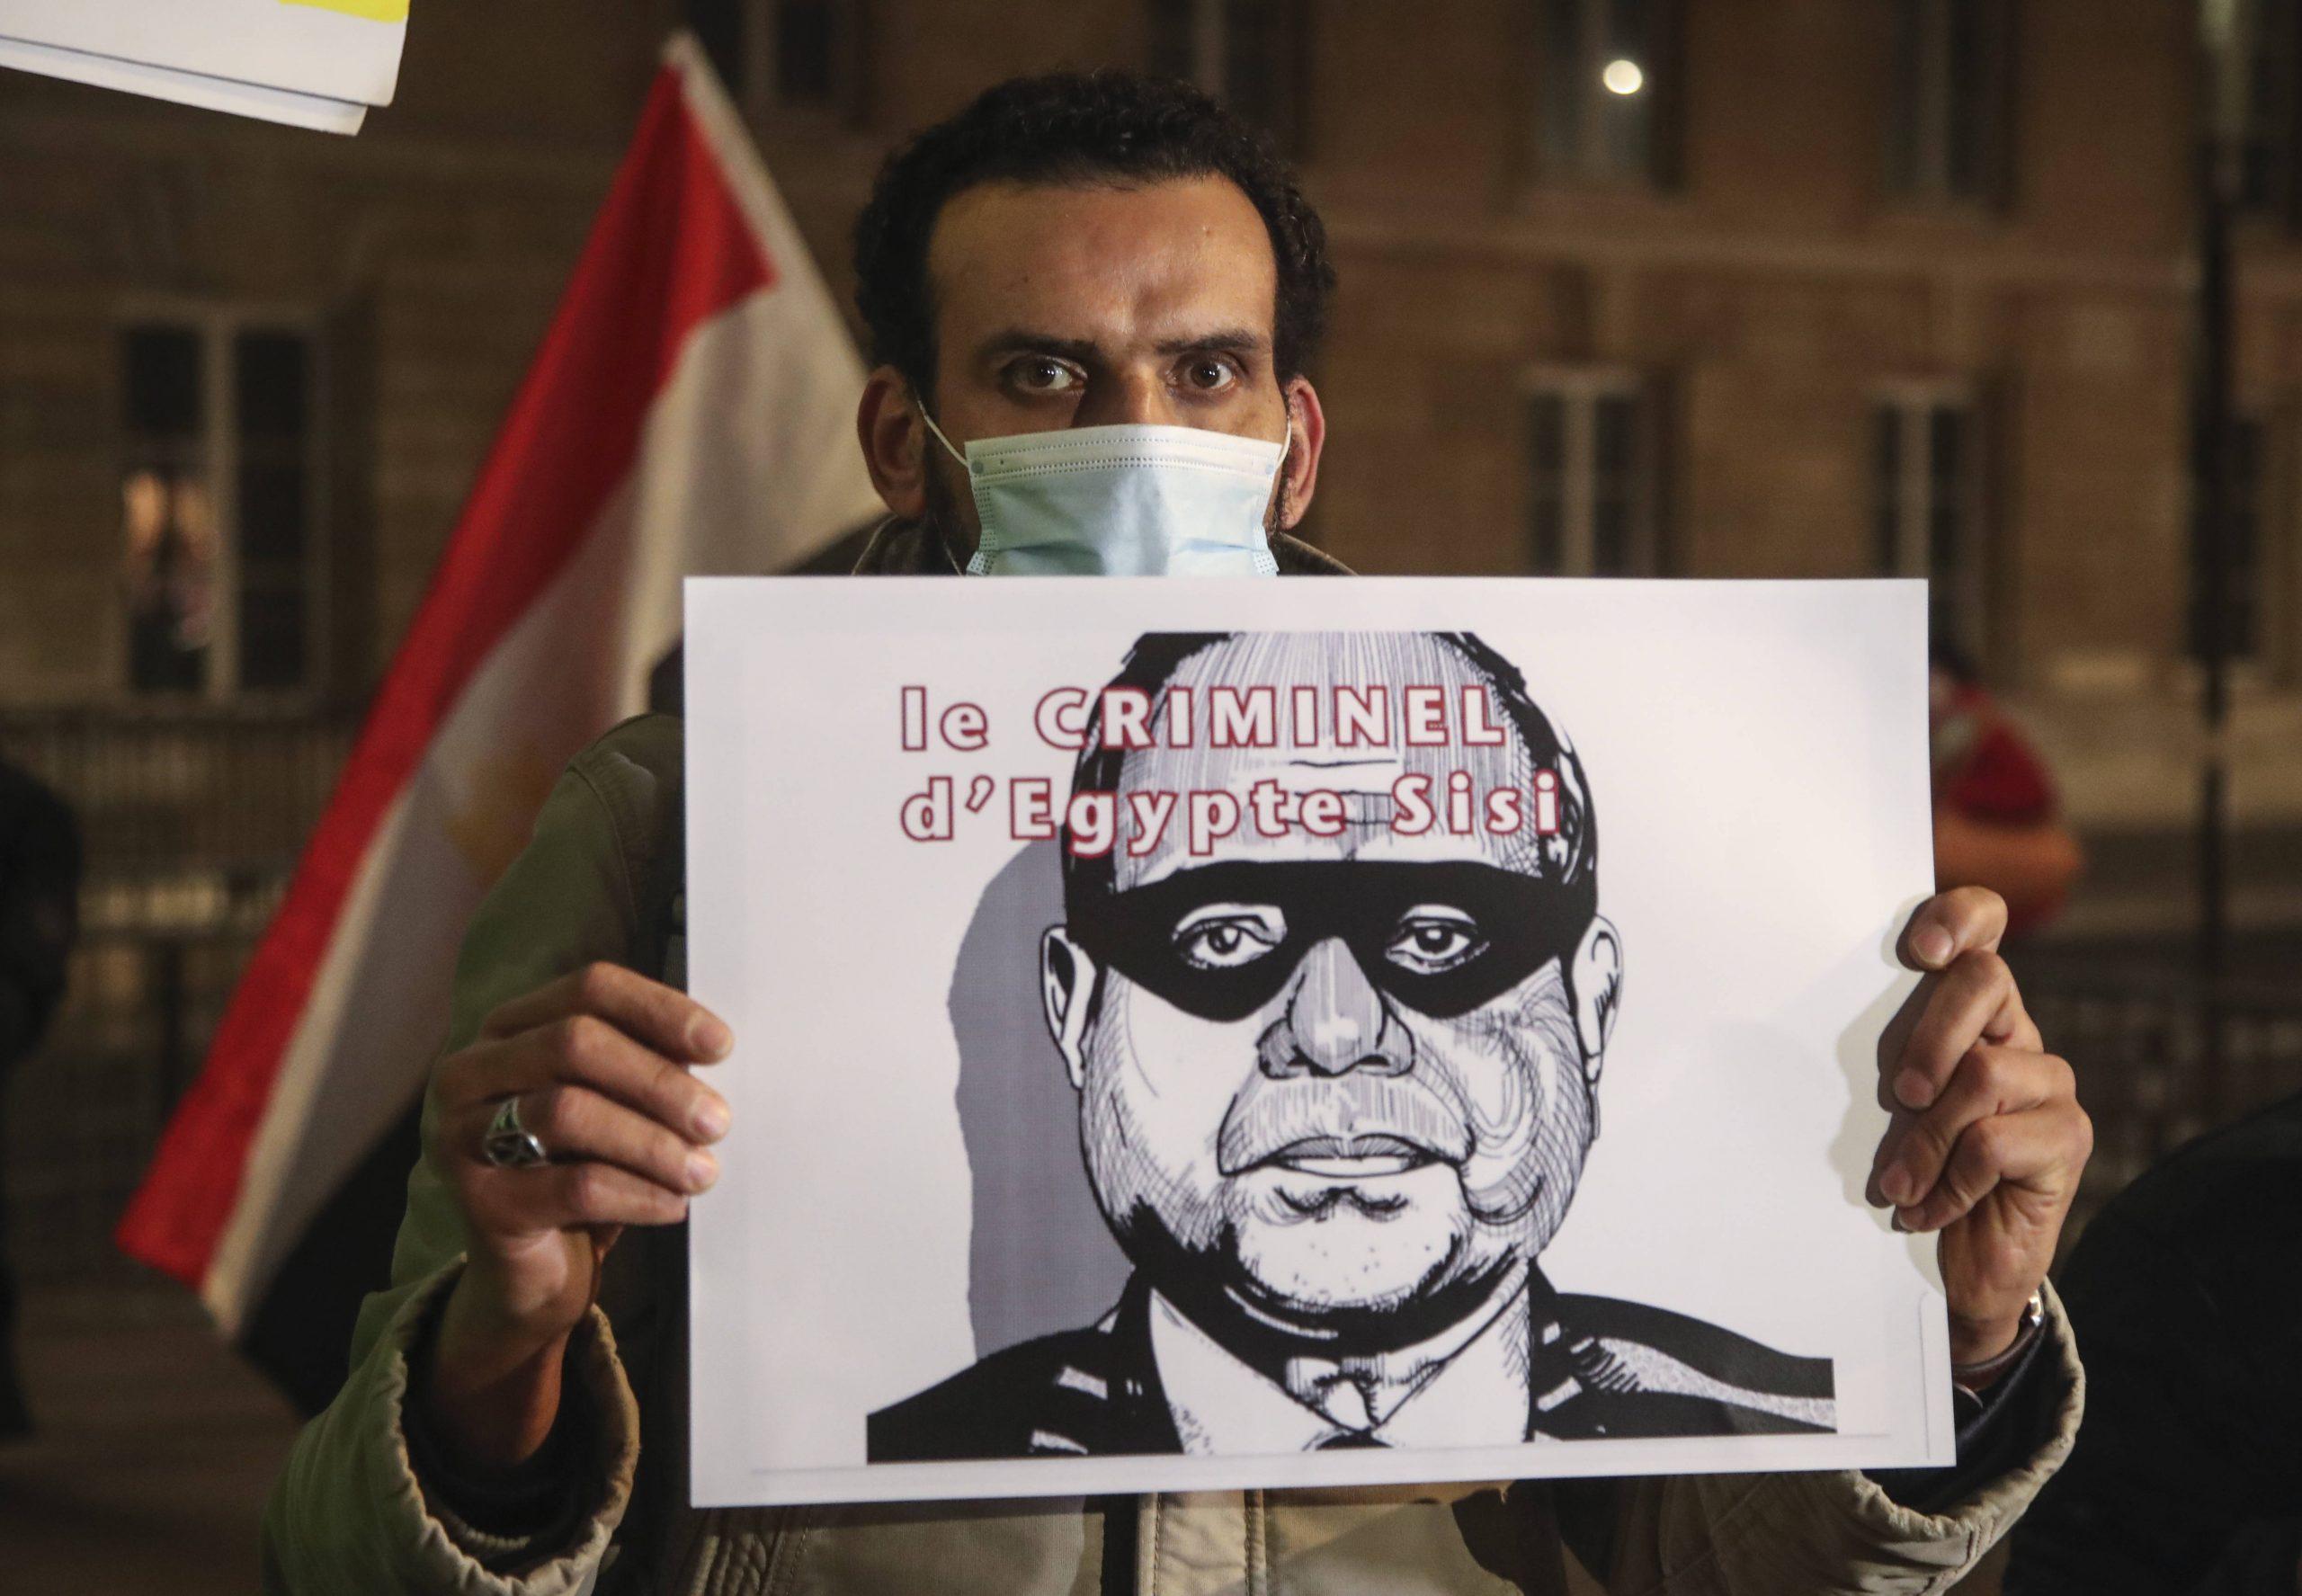 Un homme tient une pancarte représentant le président égyptien Abdel-Fattah el-Sissi à Paris, le mardi 8 décembre 2020.